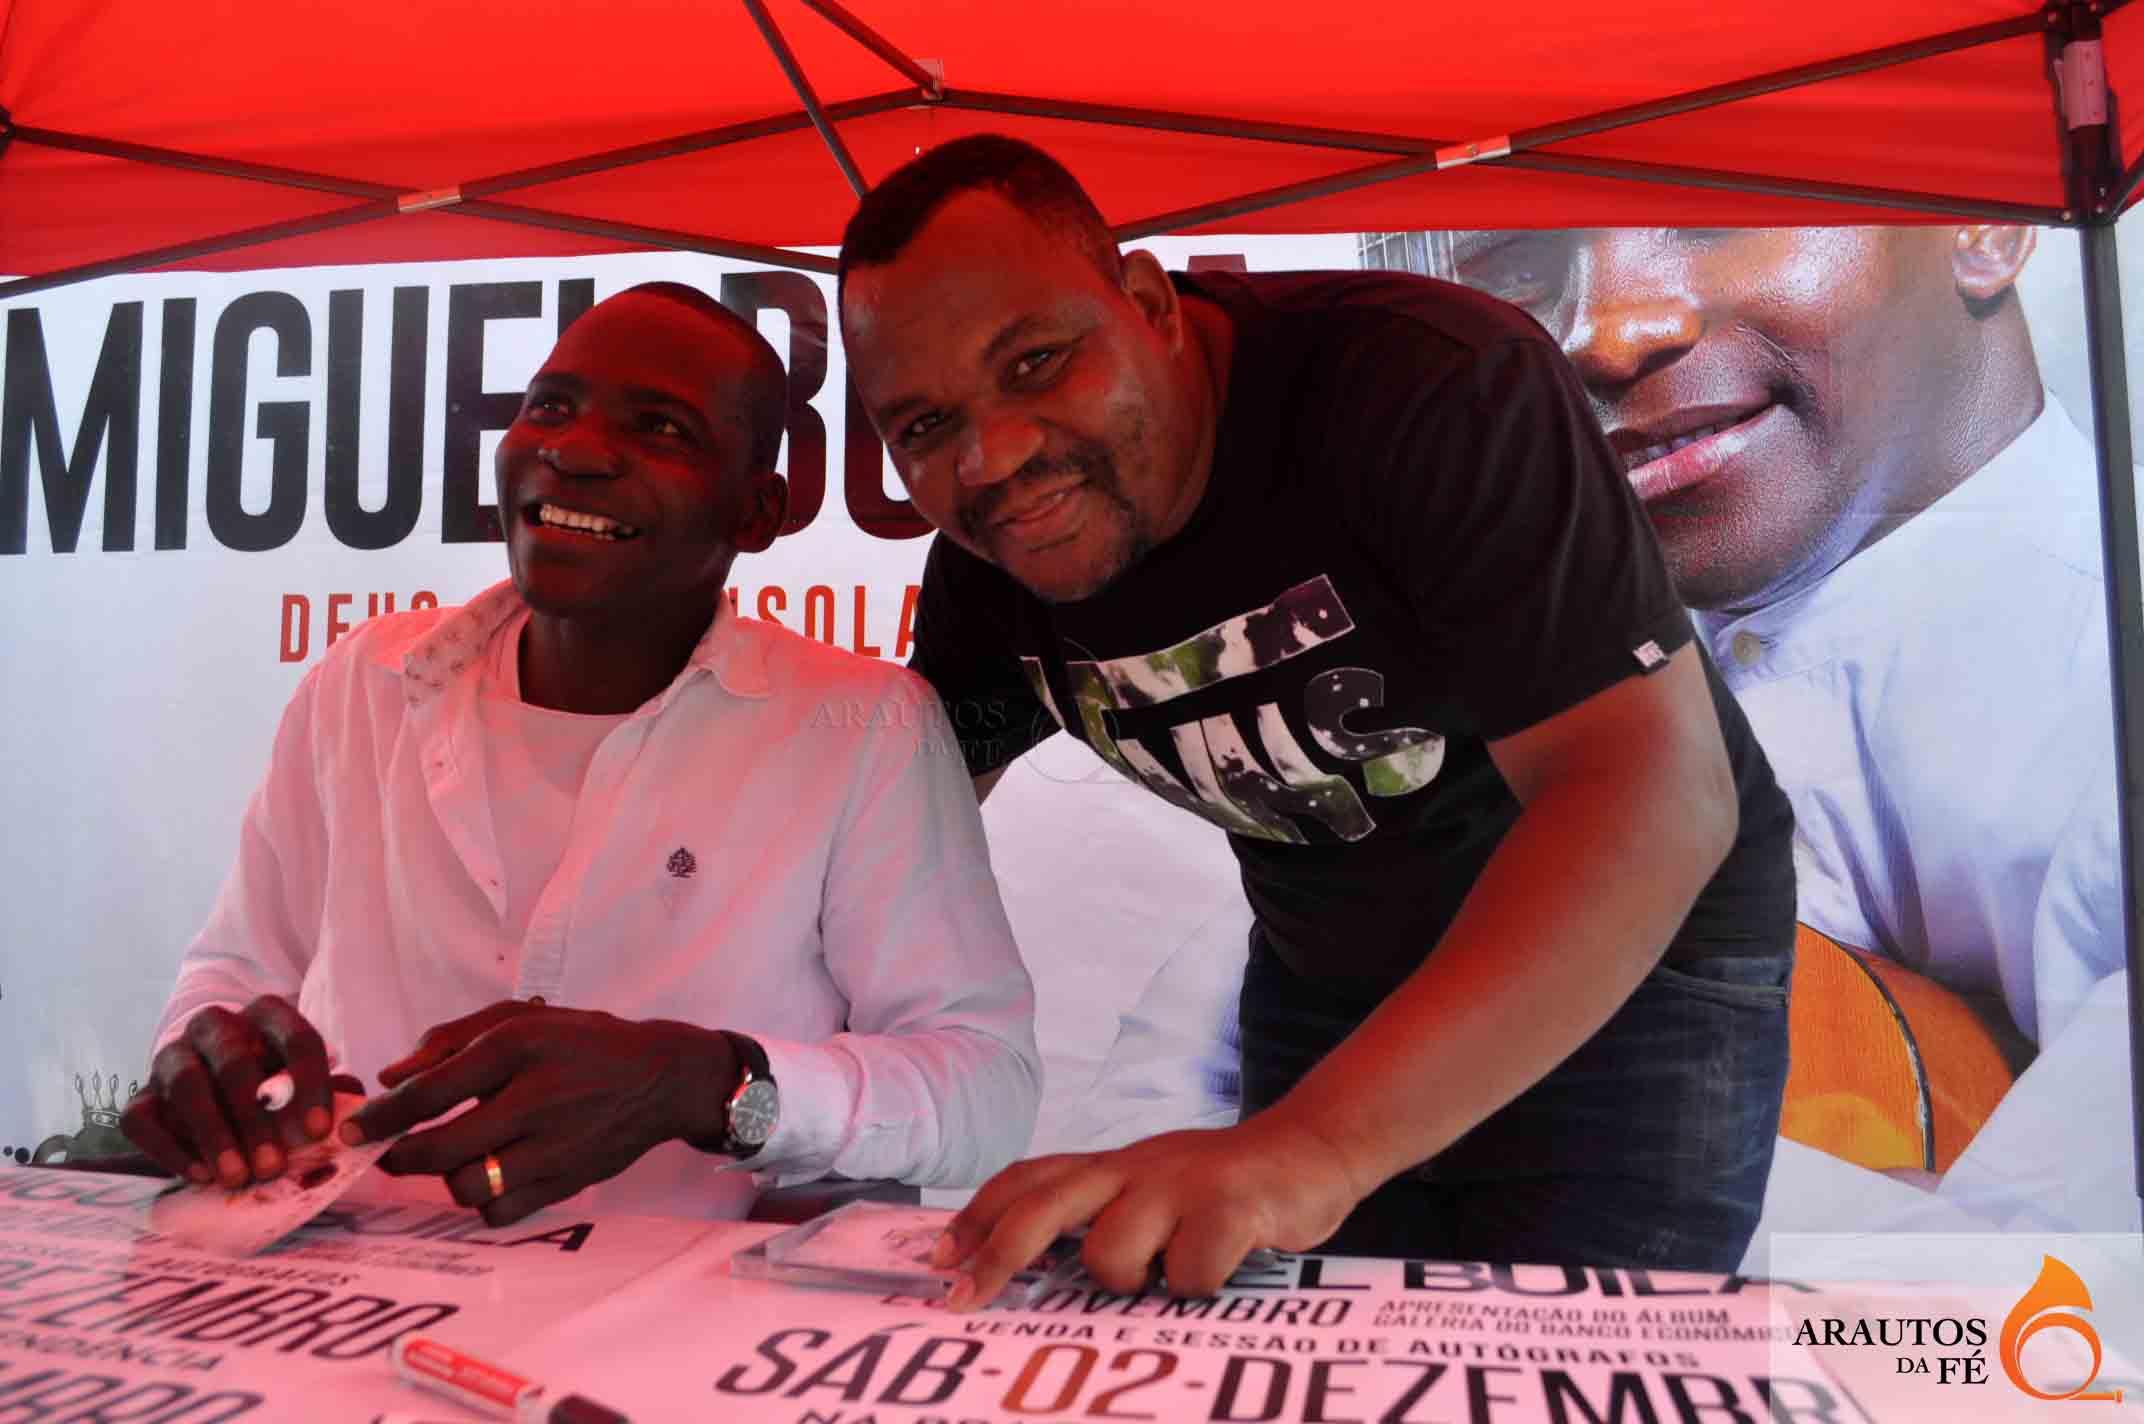 Migeul Buila com o músico Chidy